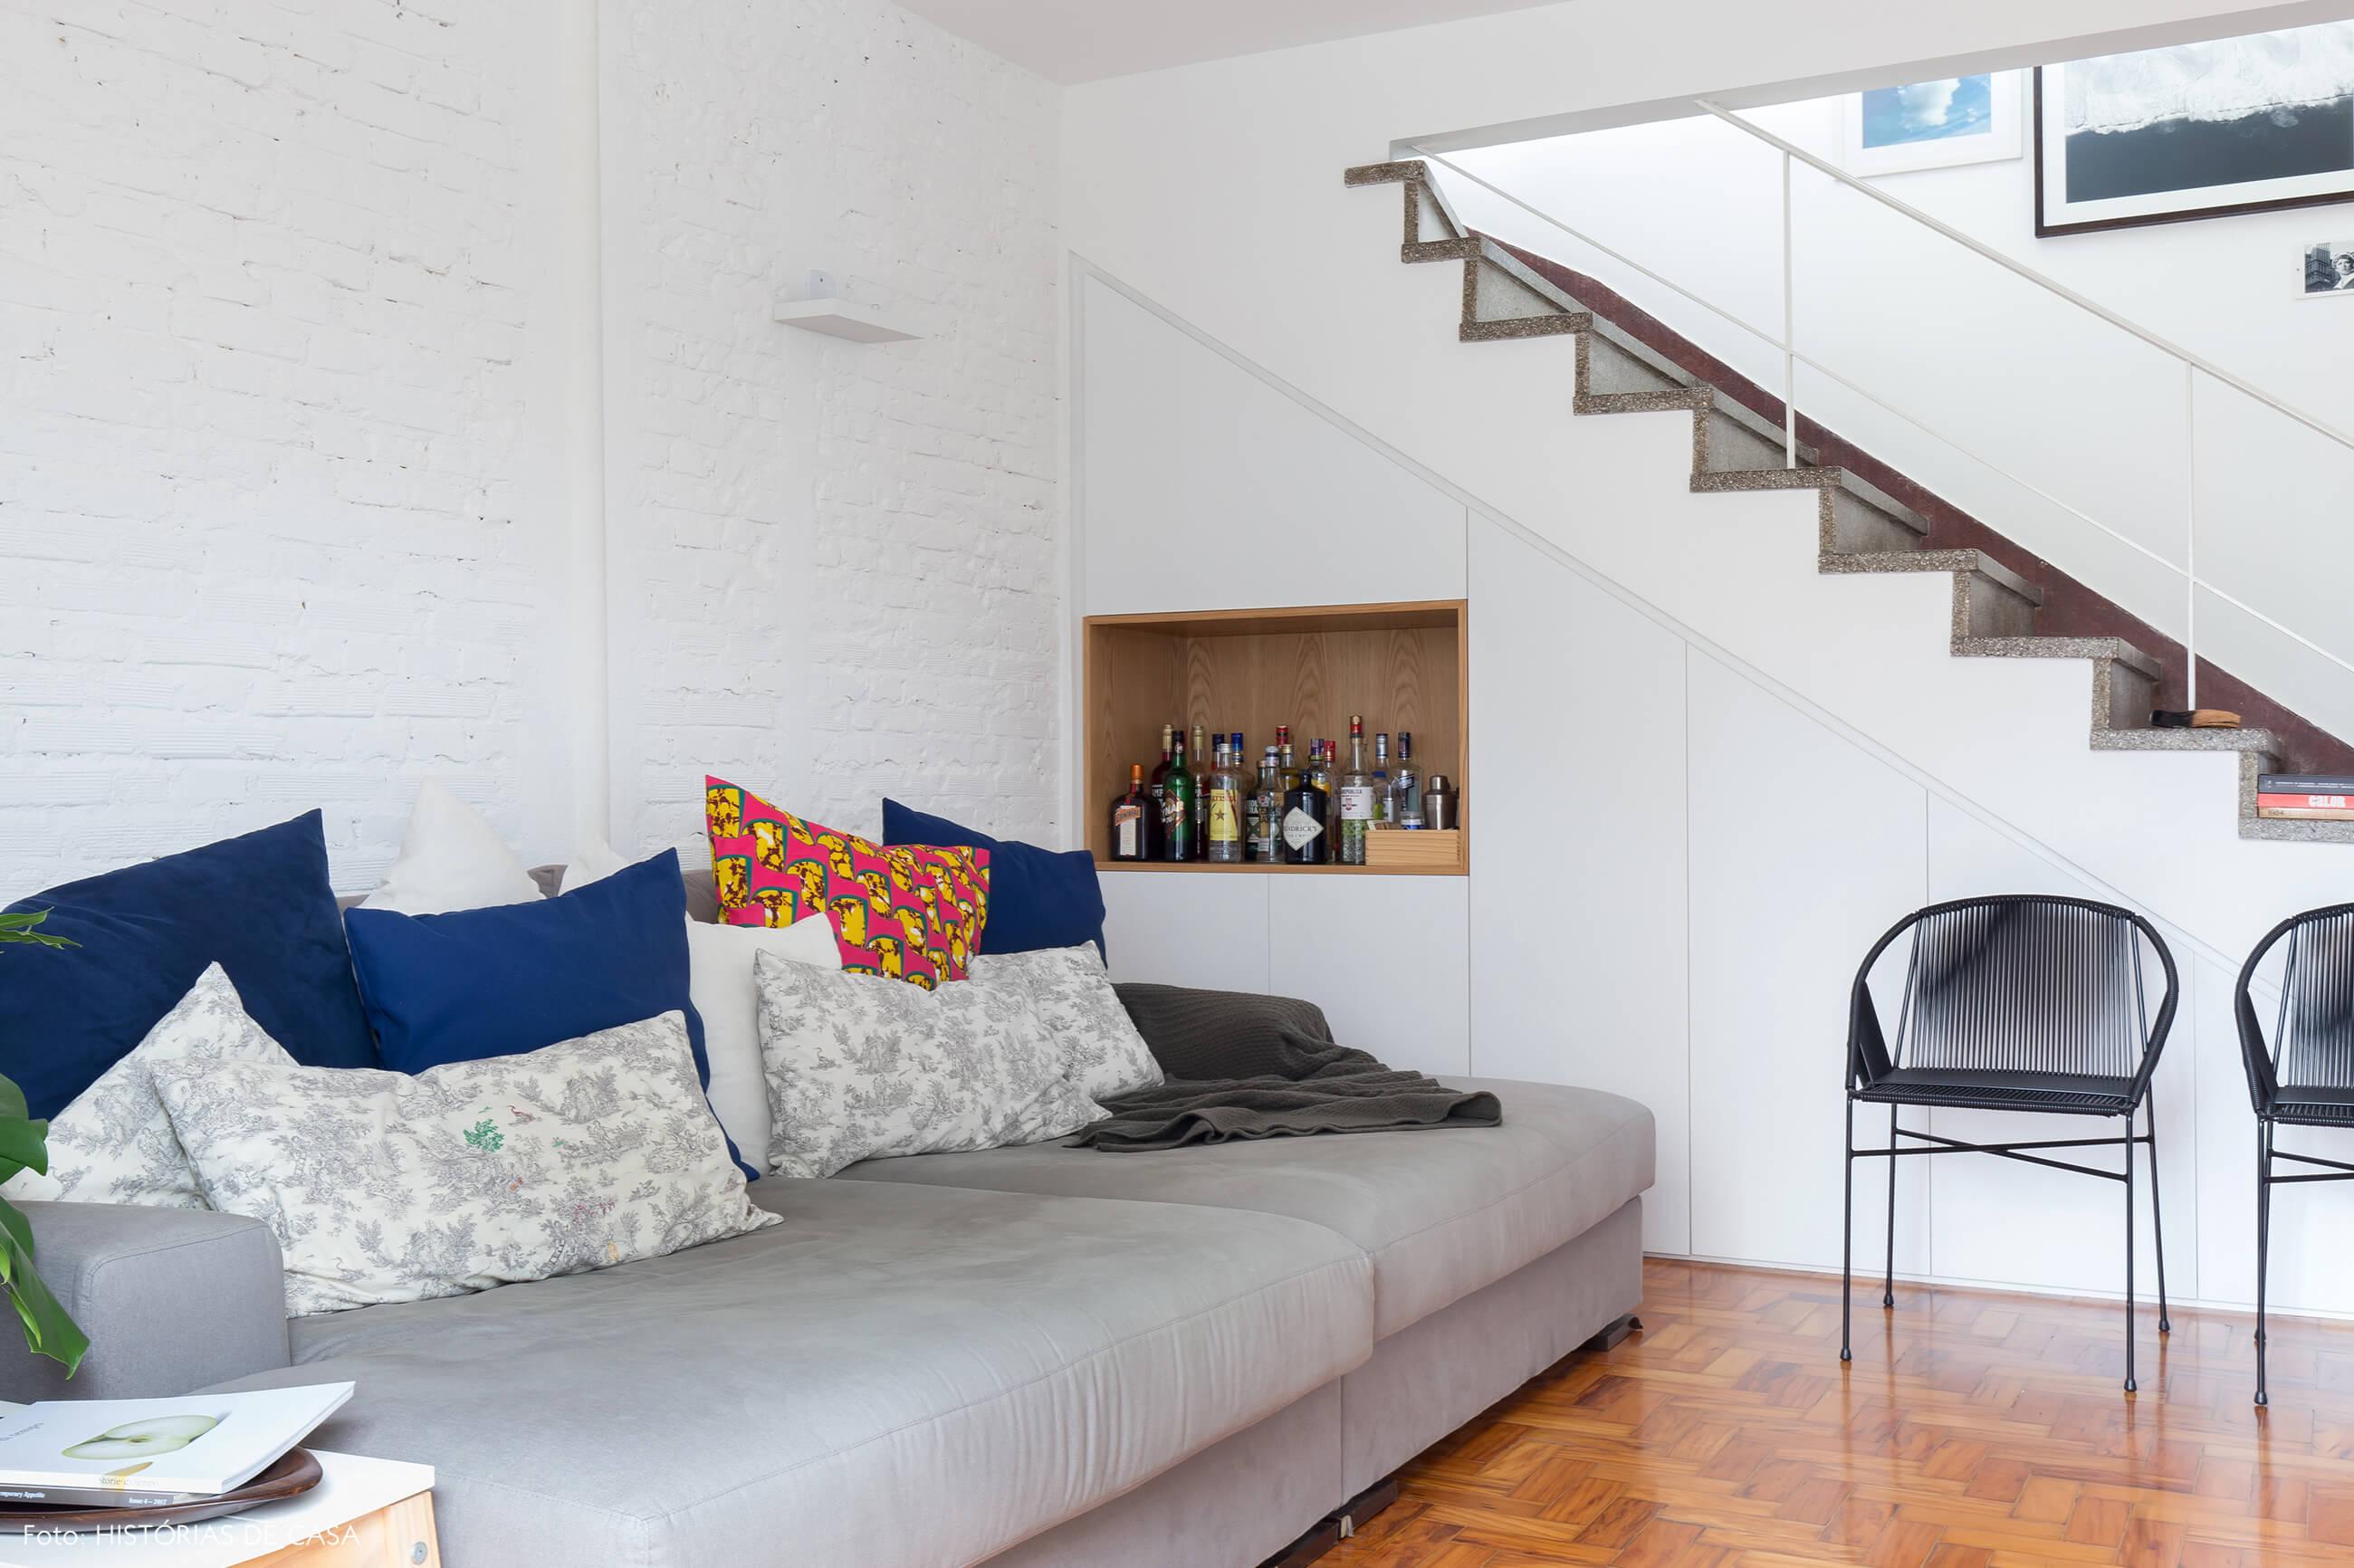 Apartamento com dois andares e marcenaria embutida sob a escada